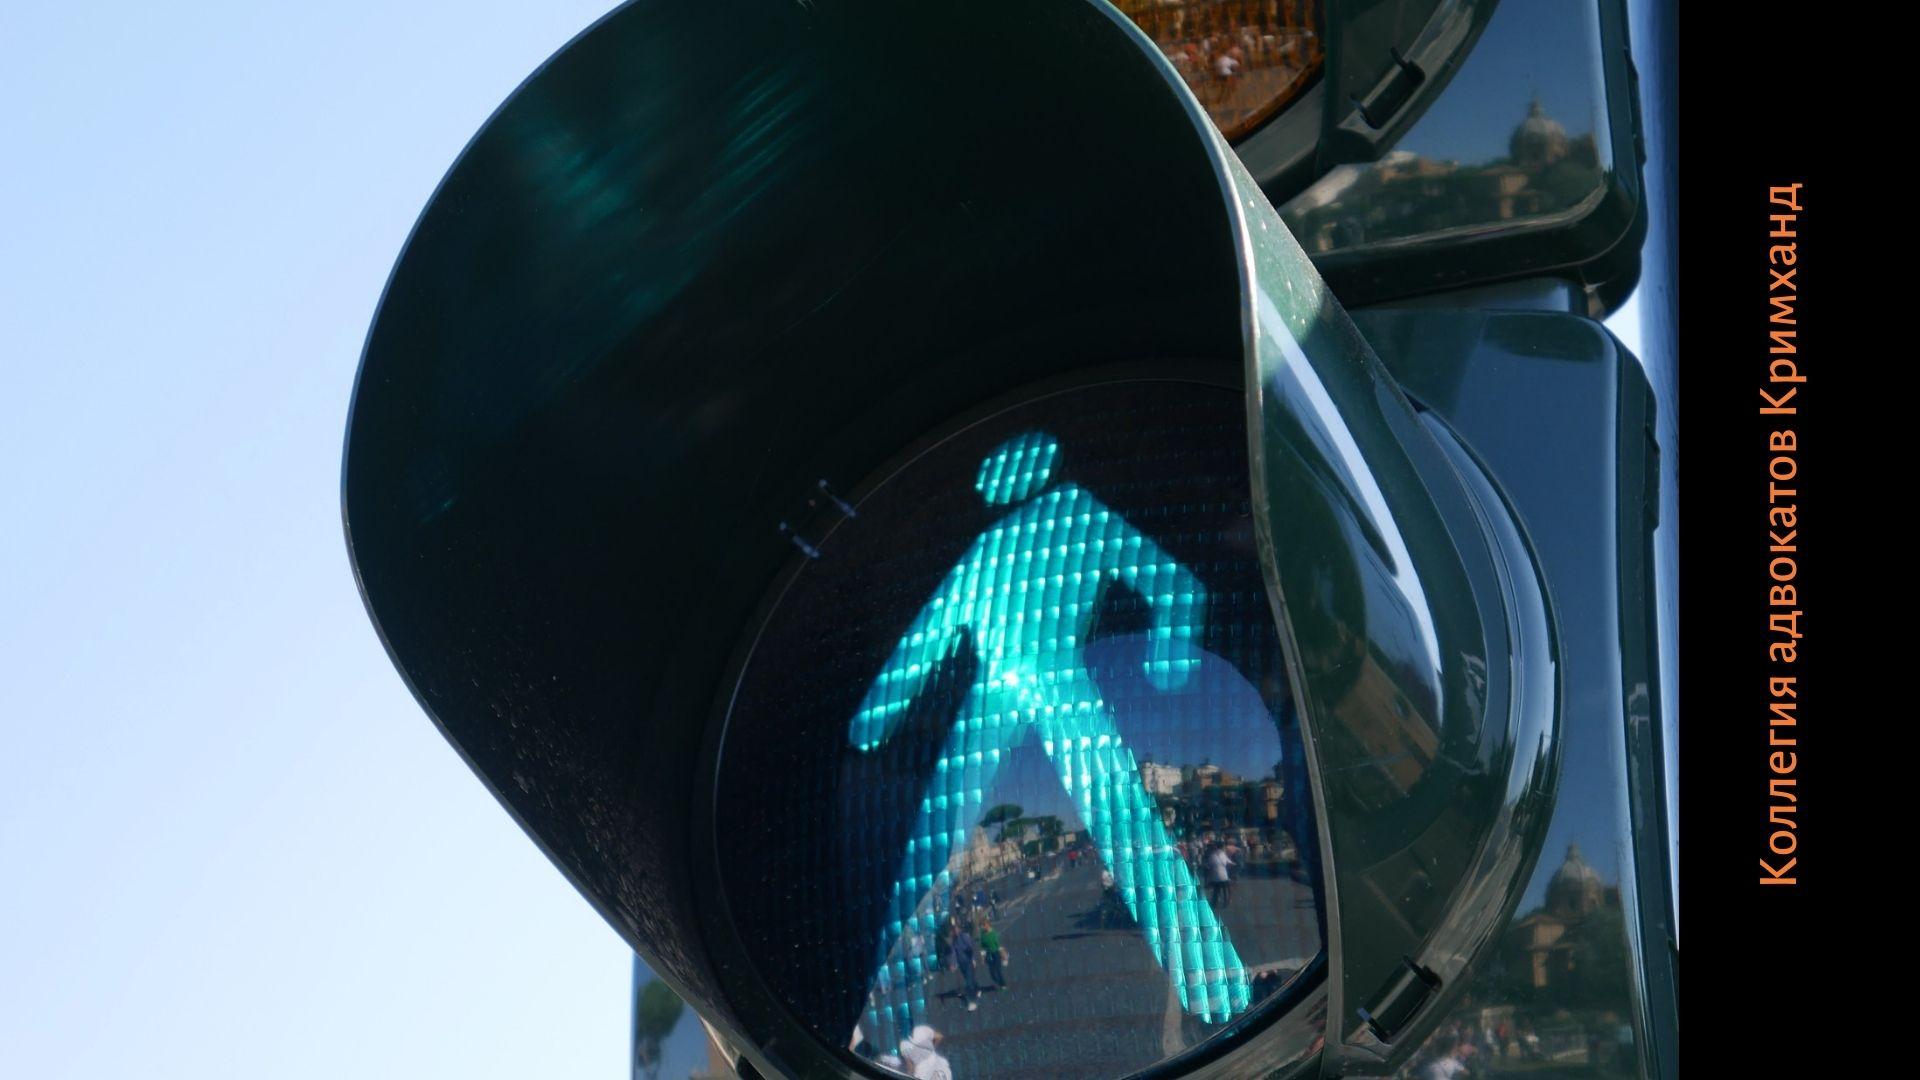 Ответственность за ущерб ребенку на светофоре